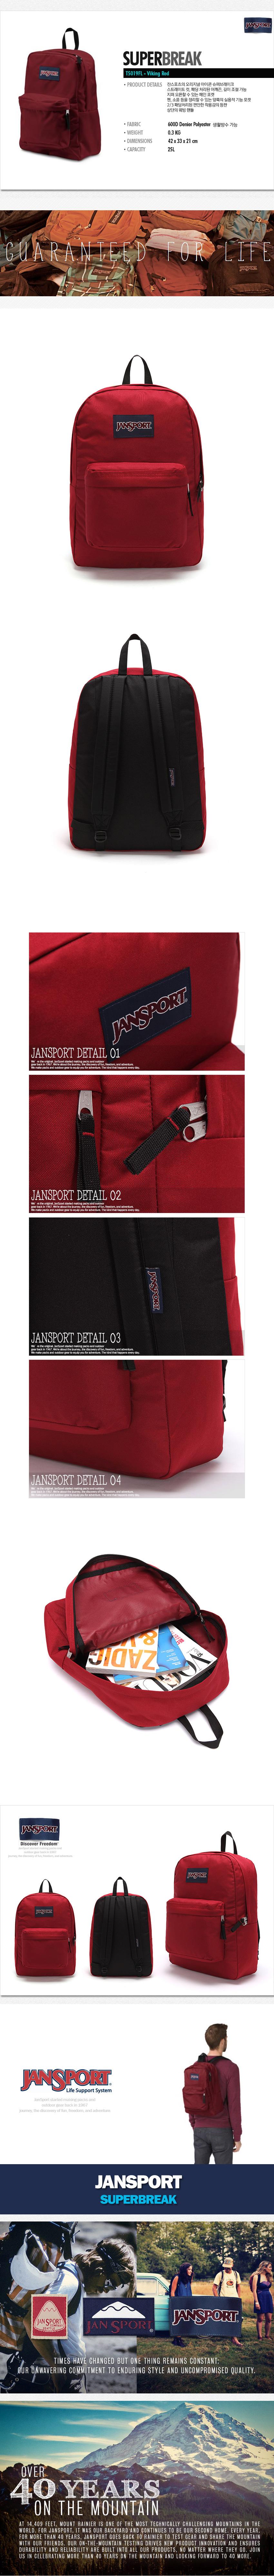 [잔스포츠]JANSPORT - 슈퍼브레이크 (T5019FL - Viking Red) 잔스포츠코리아 정품 AS가능